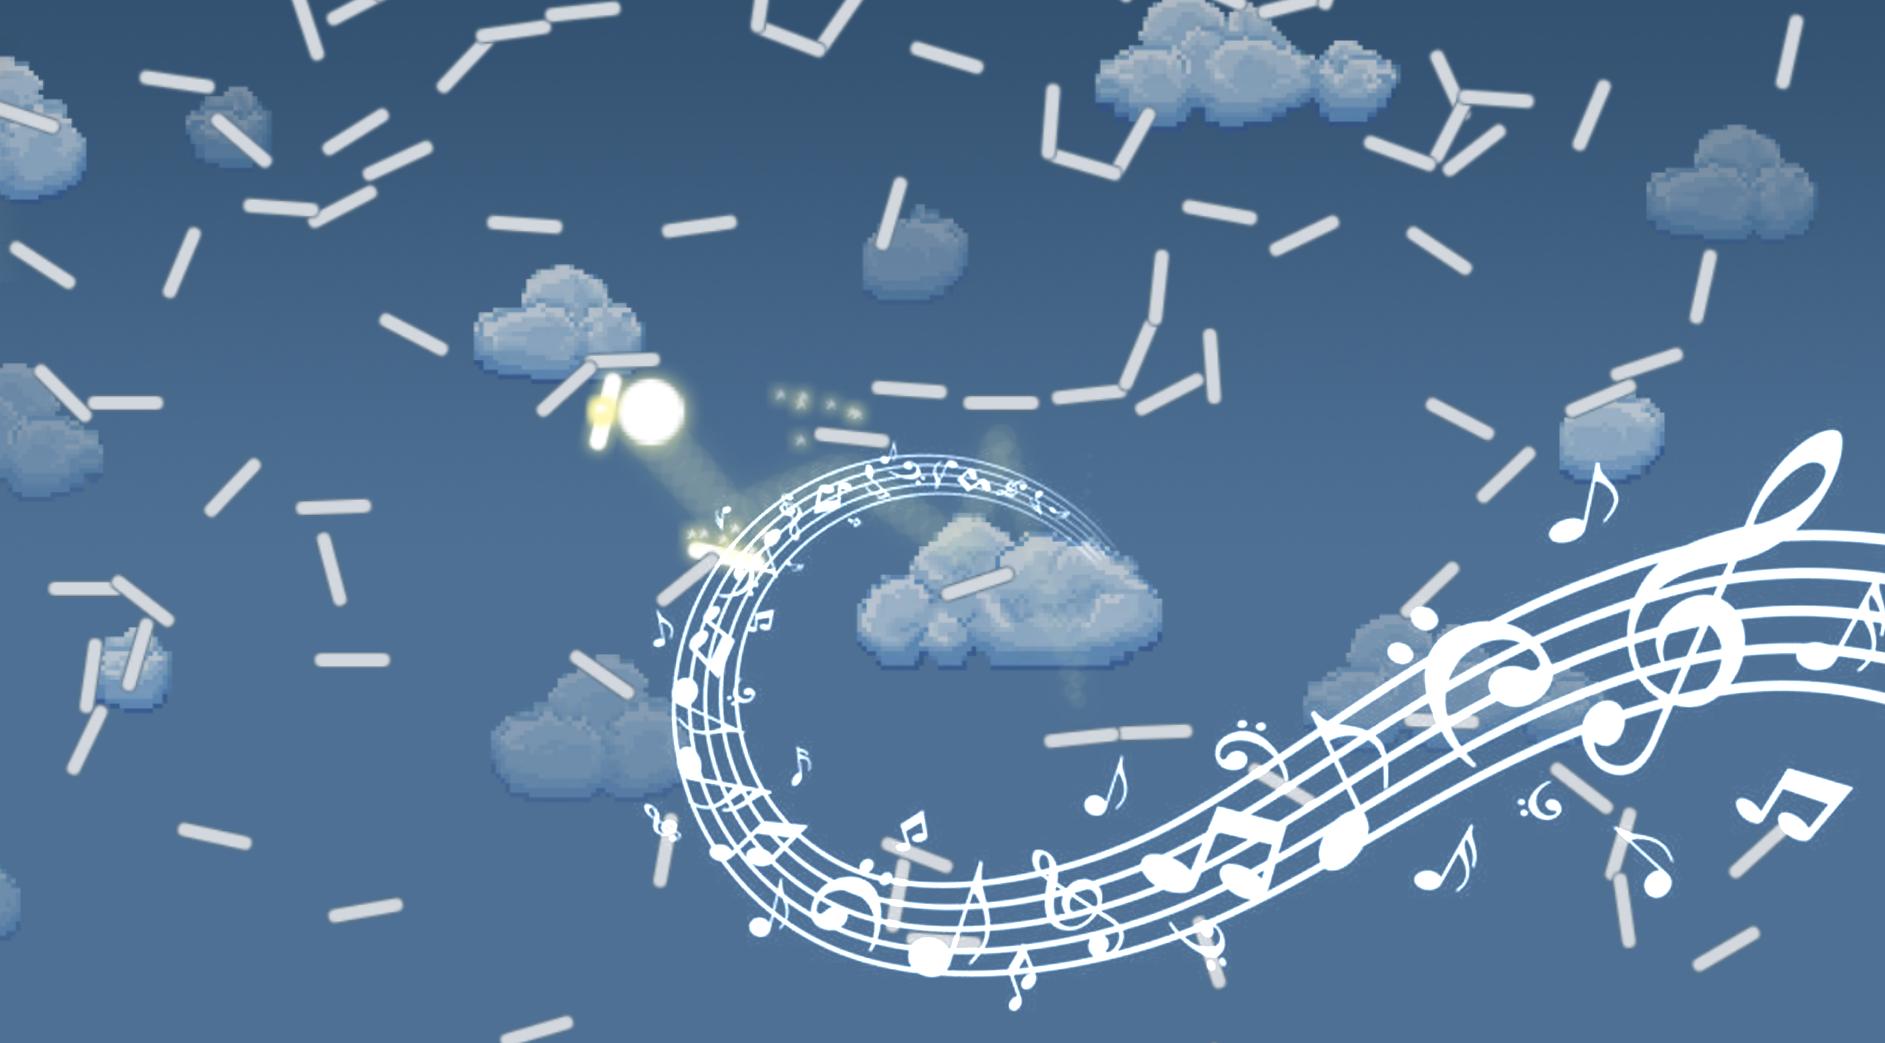 Из песочницы Как сгенерировать музыку с помощью физической симуляции